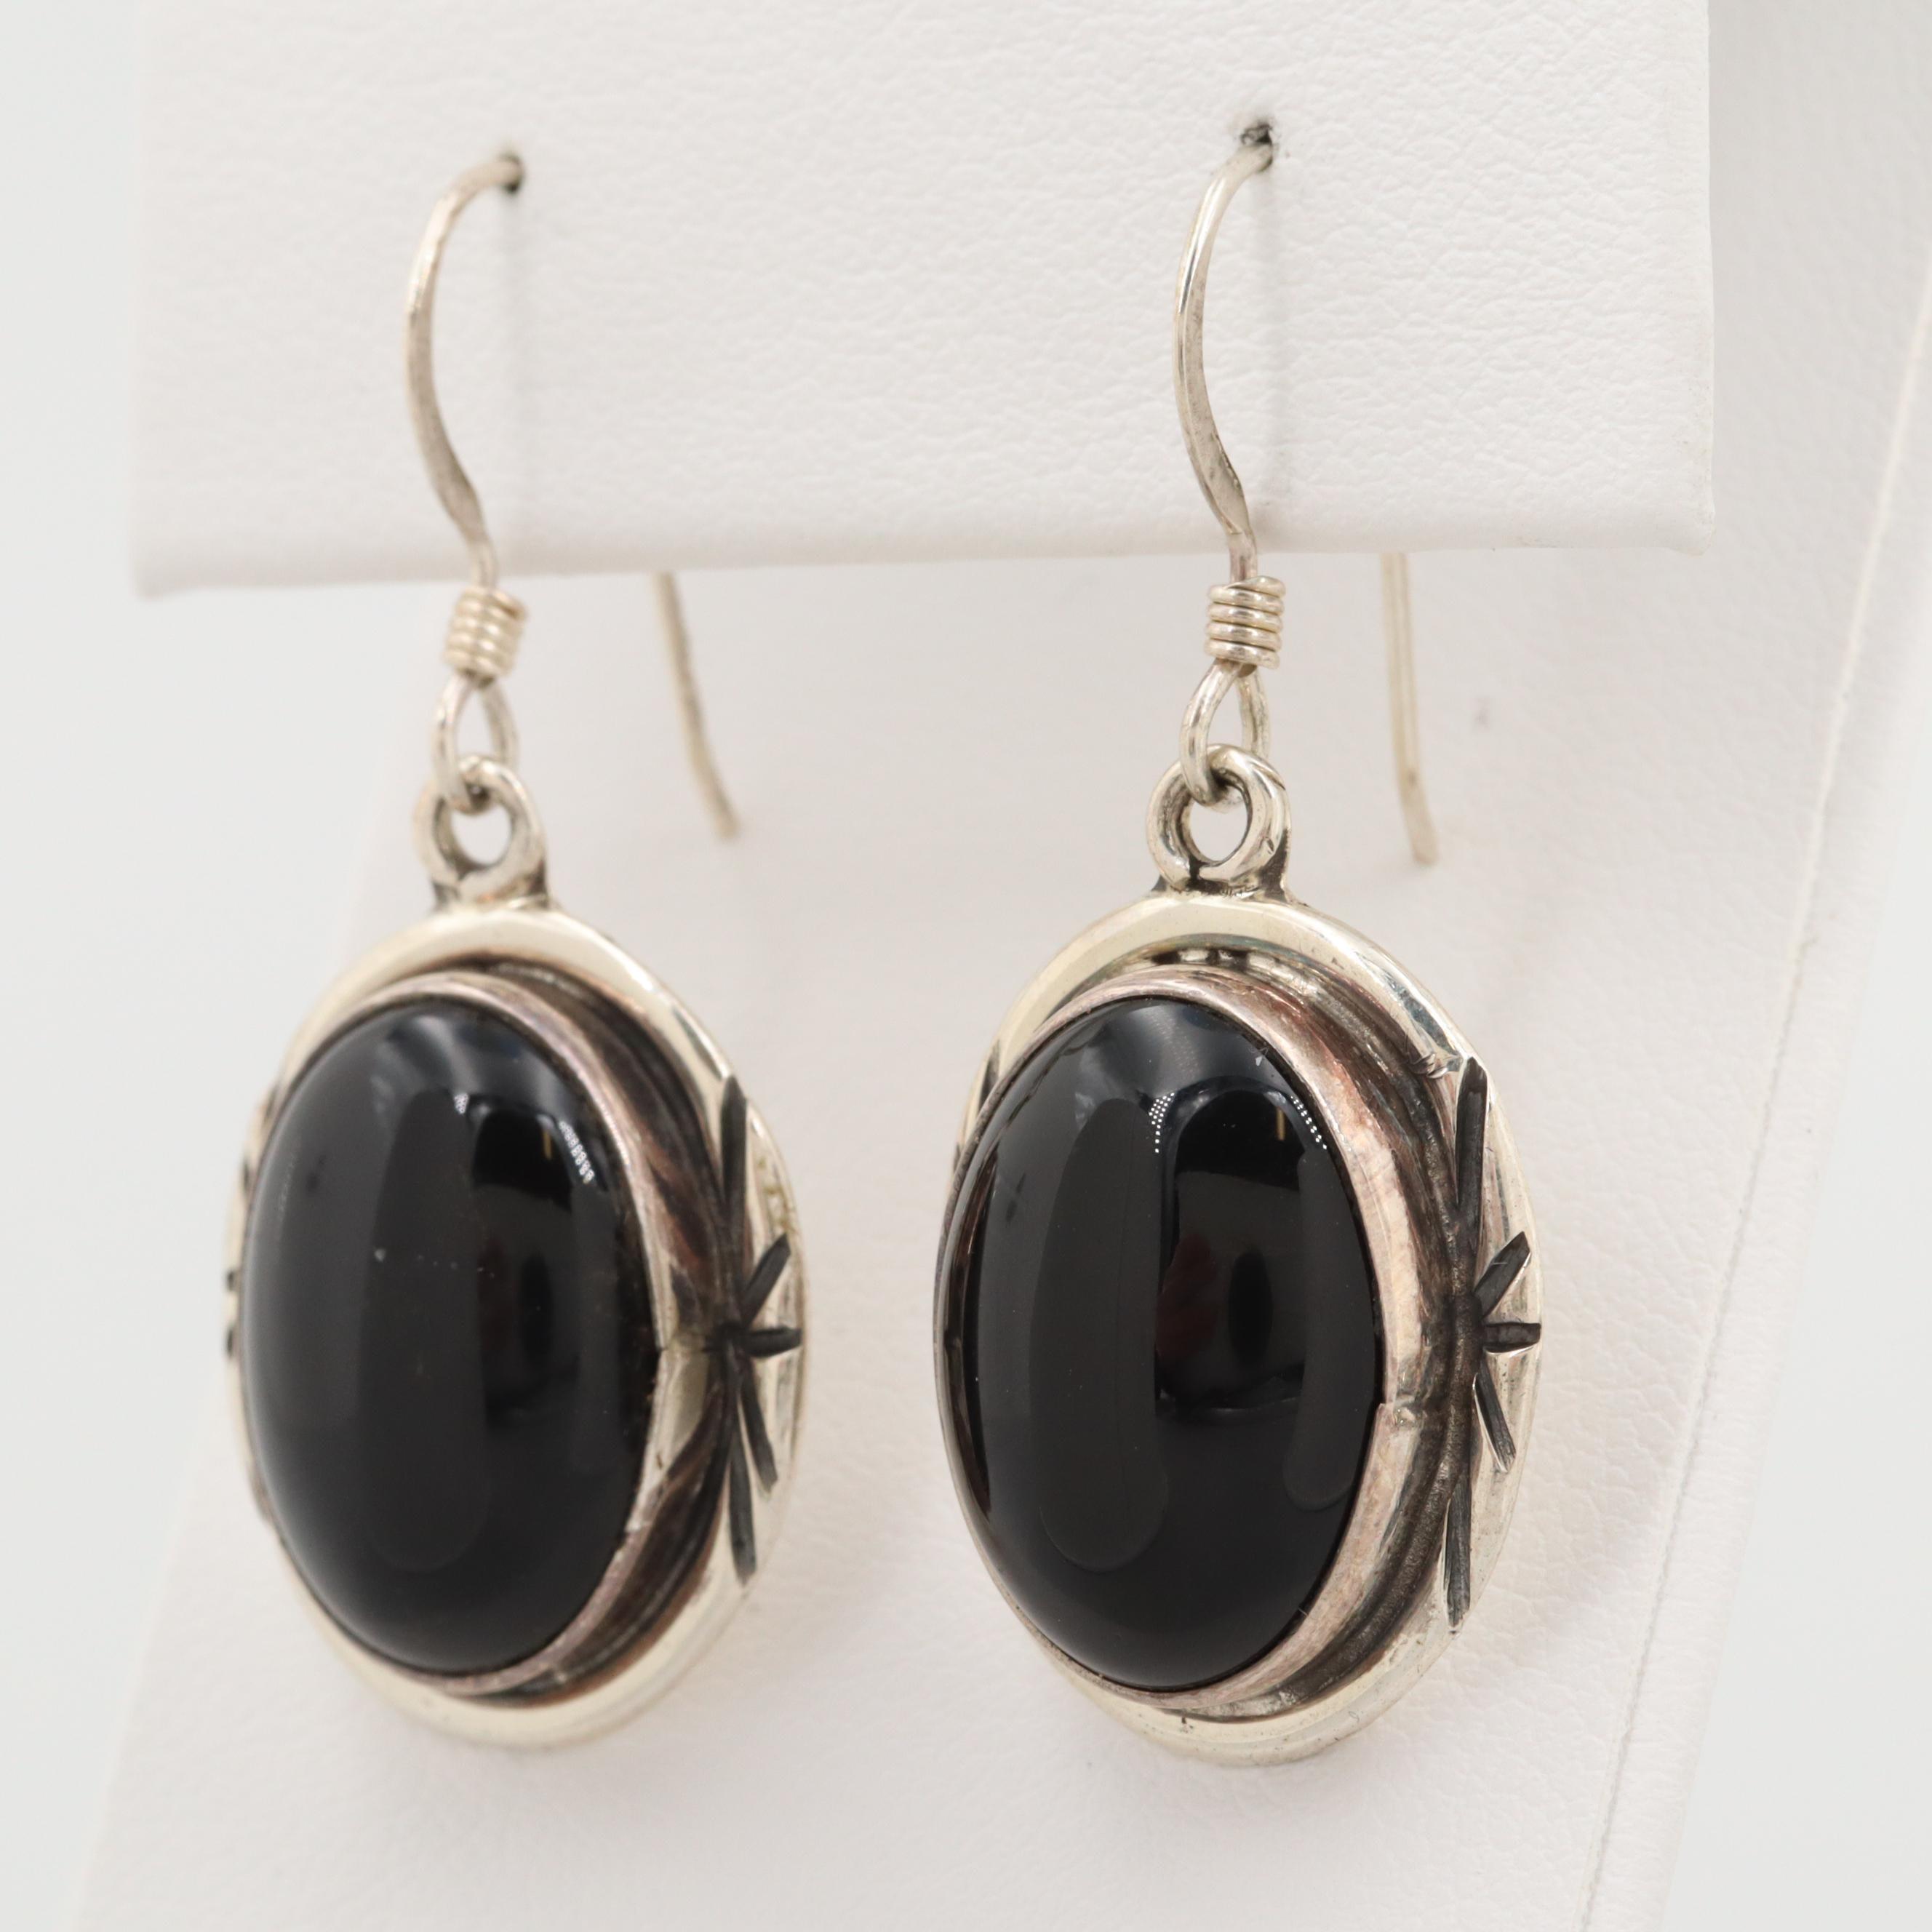 Southwestern Style Sterling Silver Black Onyx Dangle Earrings